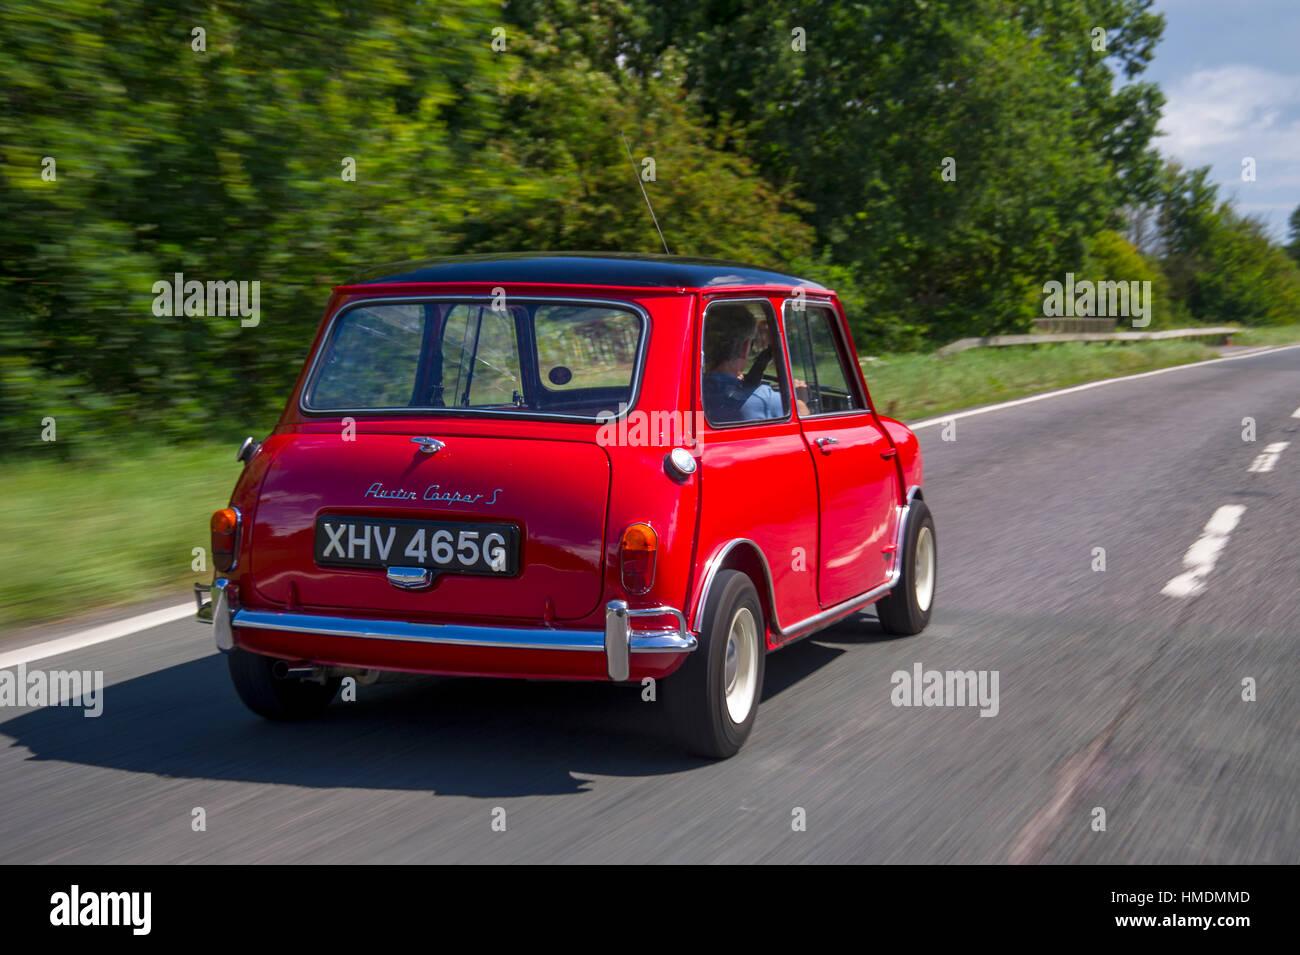 1968 Mini Cooper S Classic Compact British Sports Car Stock Photo